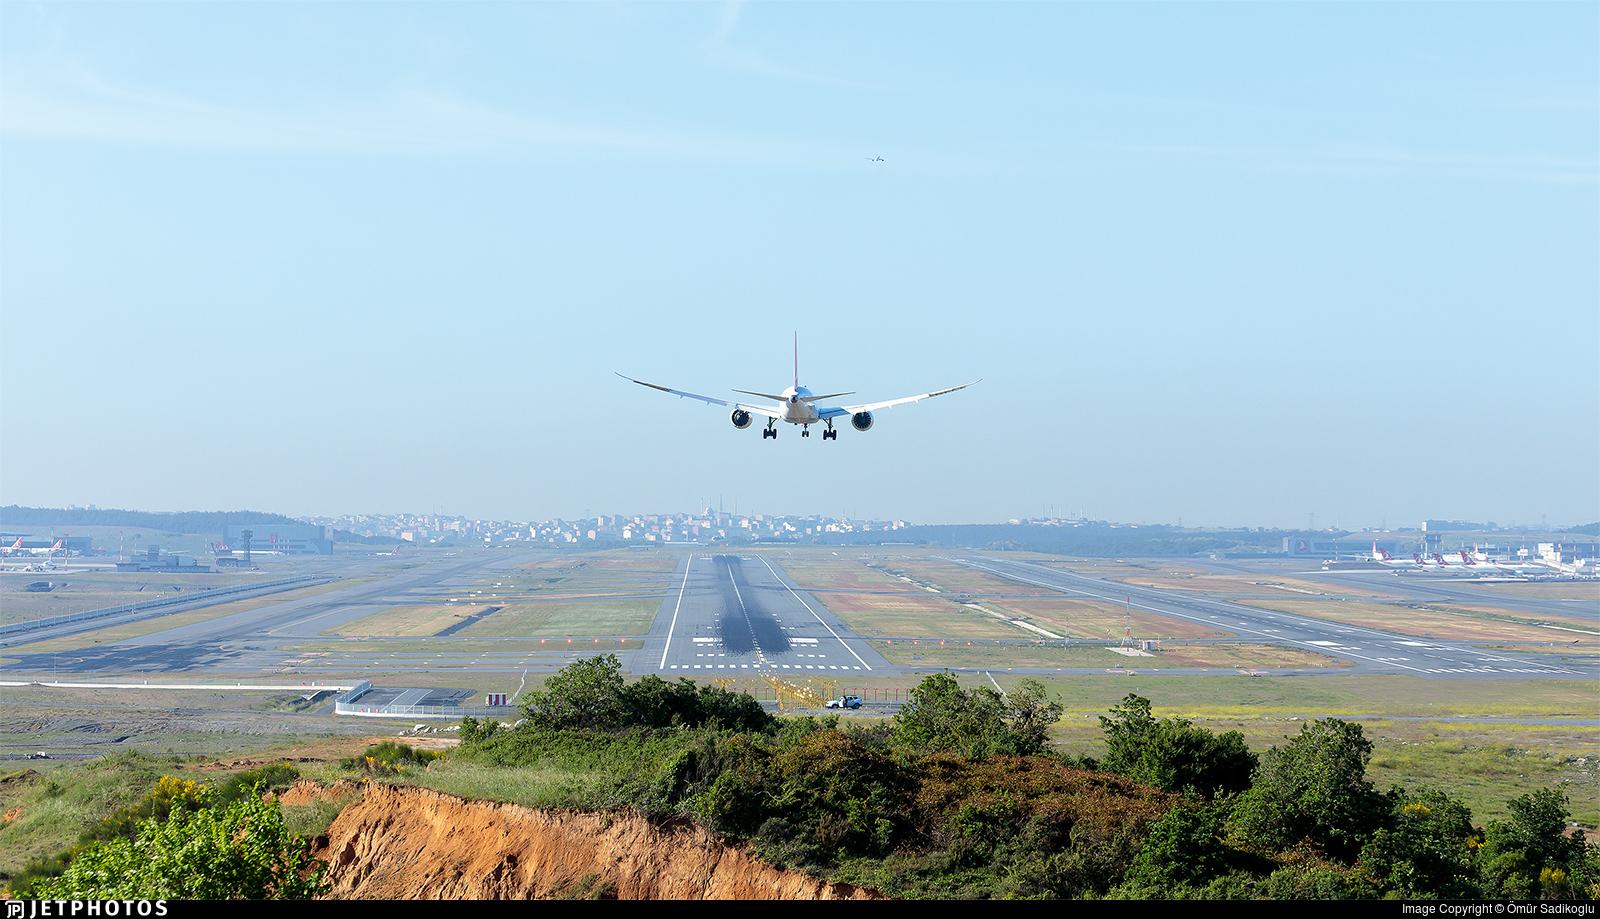 LTFM - Airport - Runway